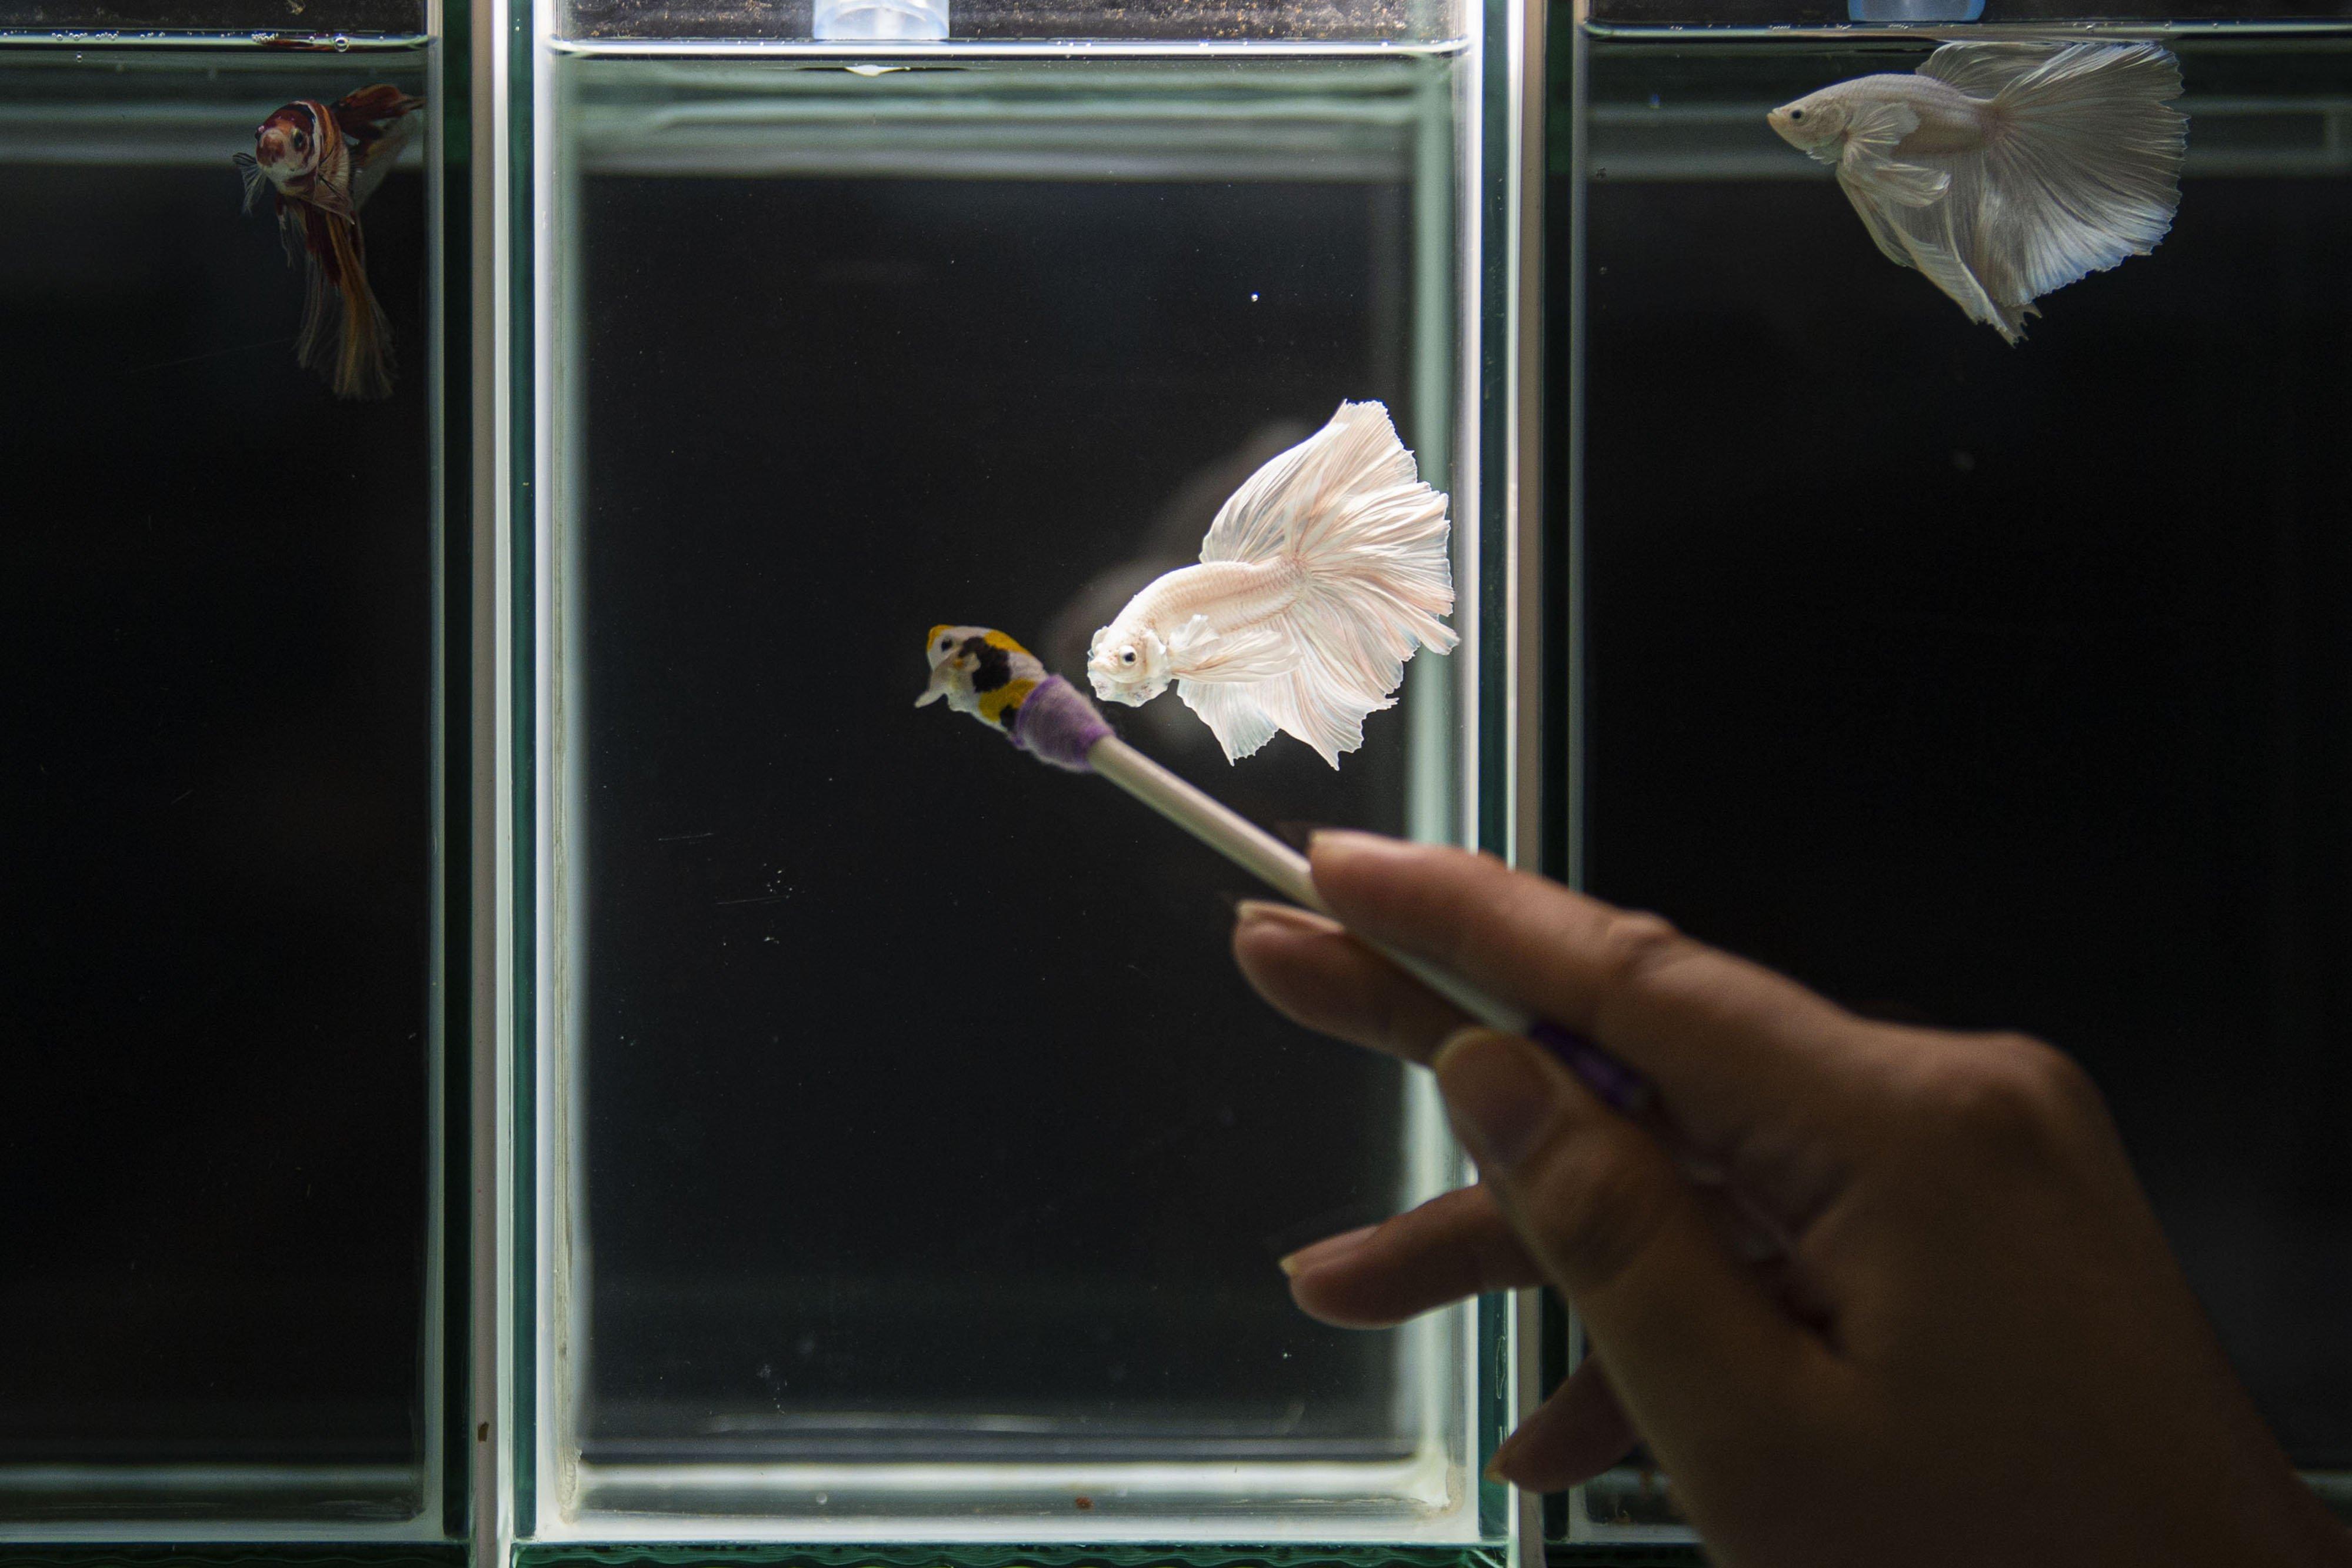 Seekor ikan cupang jenis halfmoon dilatih untuk disiapkan mengikuti kontes di aquarium milik peternak Tiano Morello di Bogor, Jawa Barat.